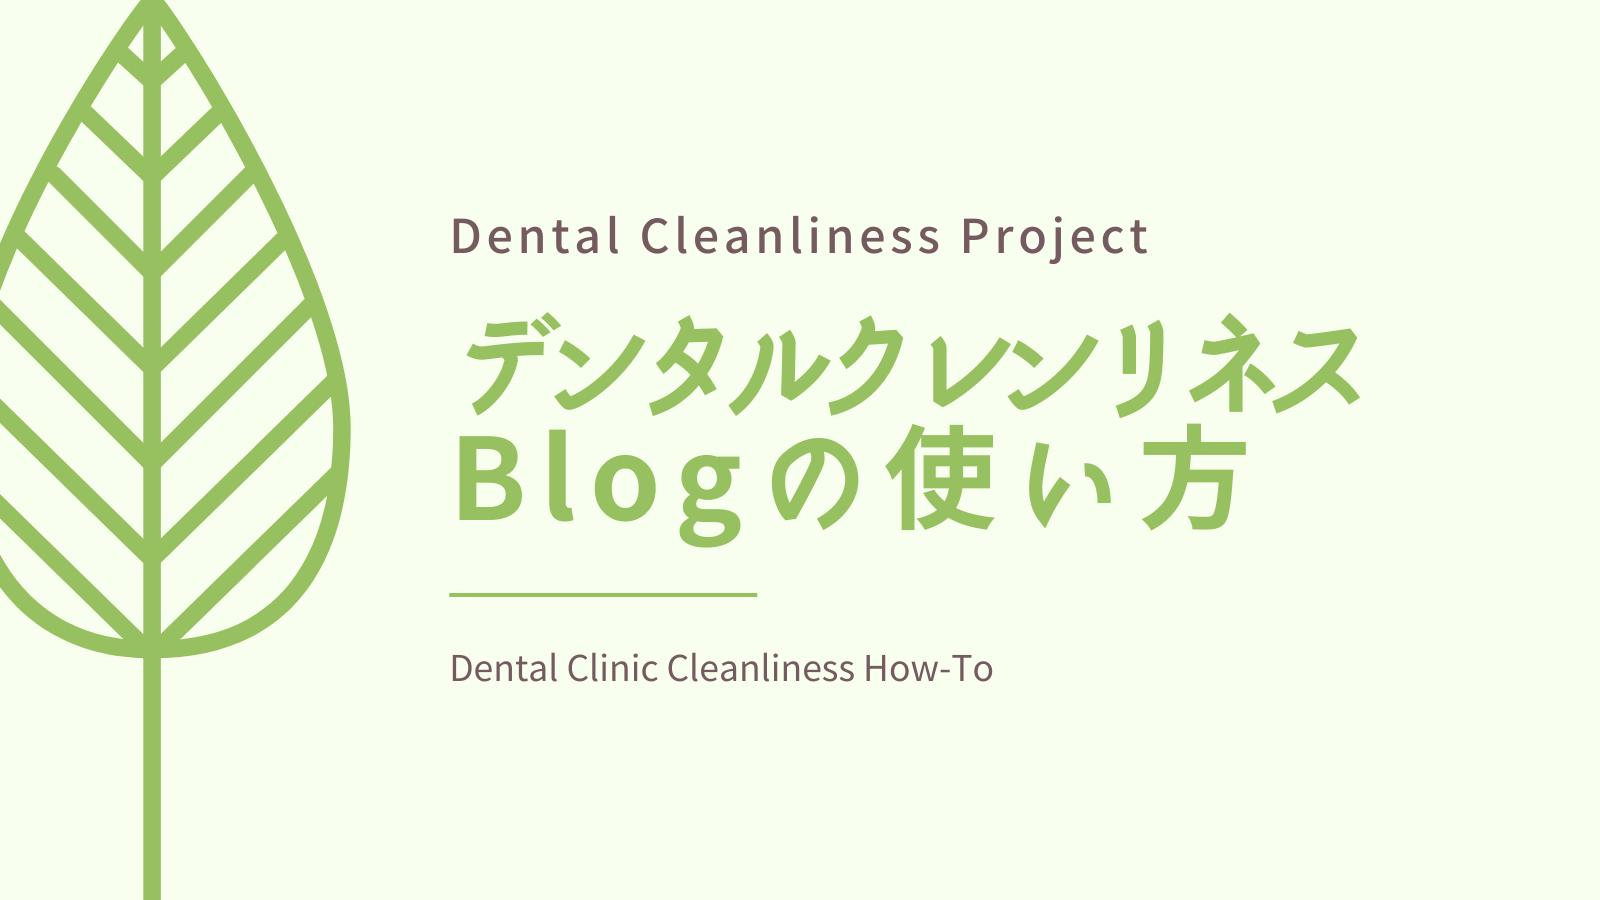 デンタルクレンリネスブログ